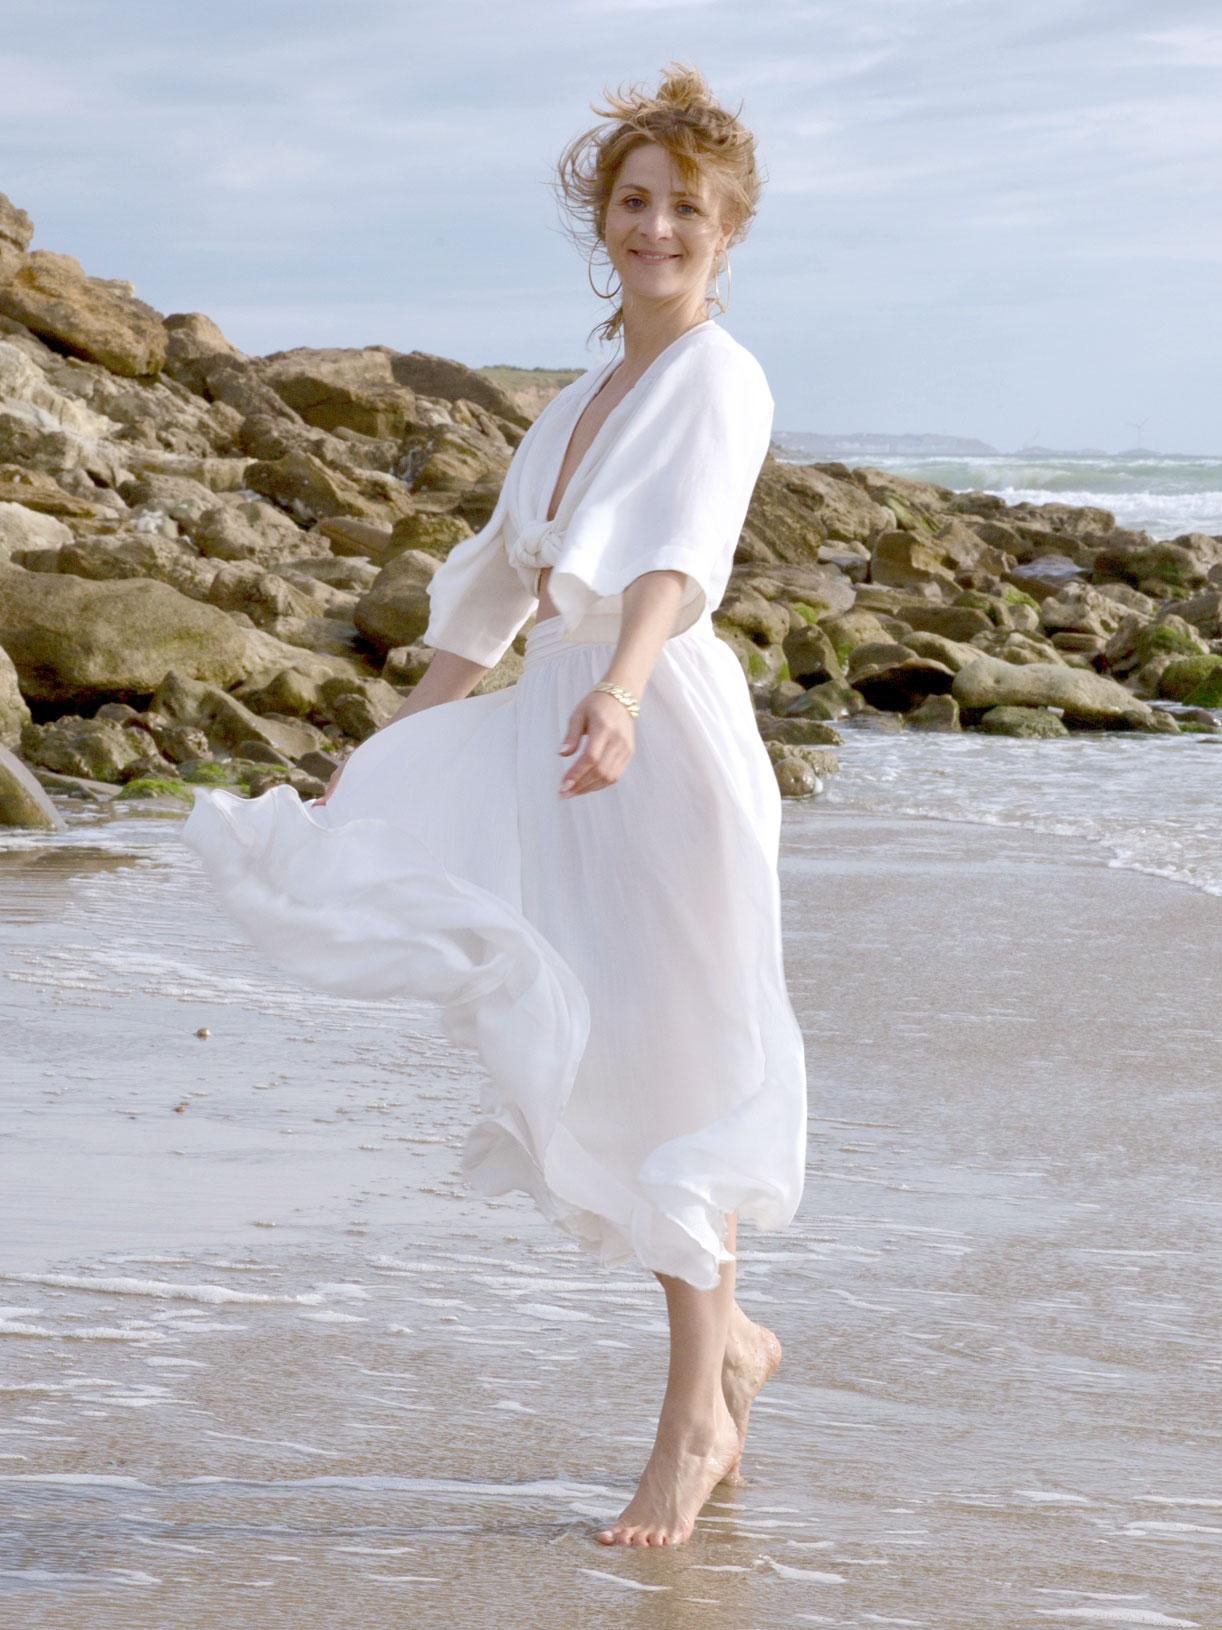 Jupe corolle midi blanche pour mariage civil écoresponsable et bio - Myphilosophy paris